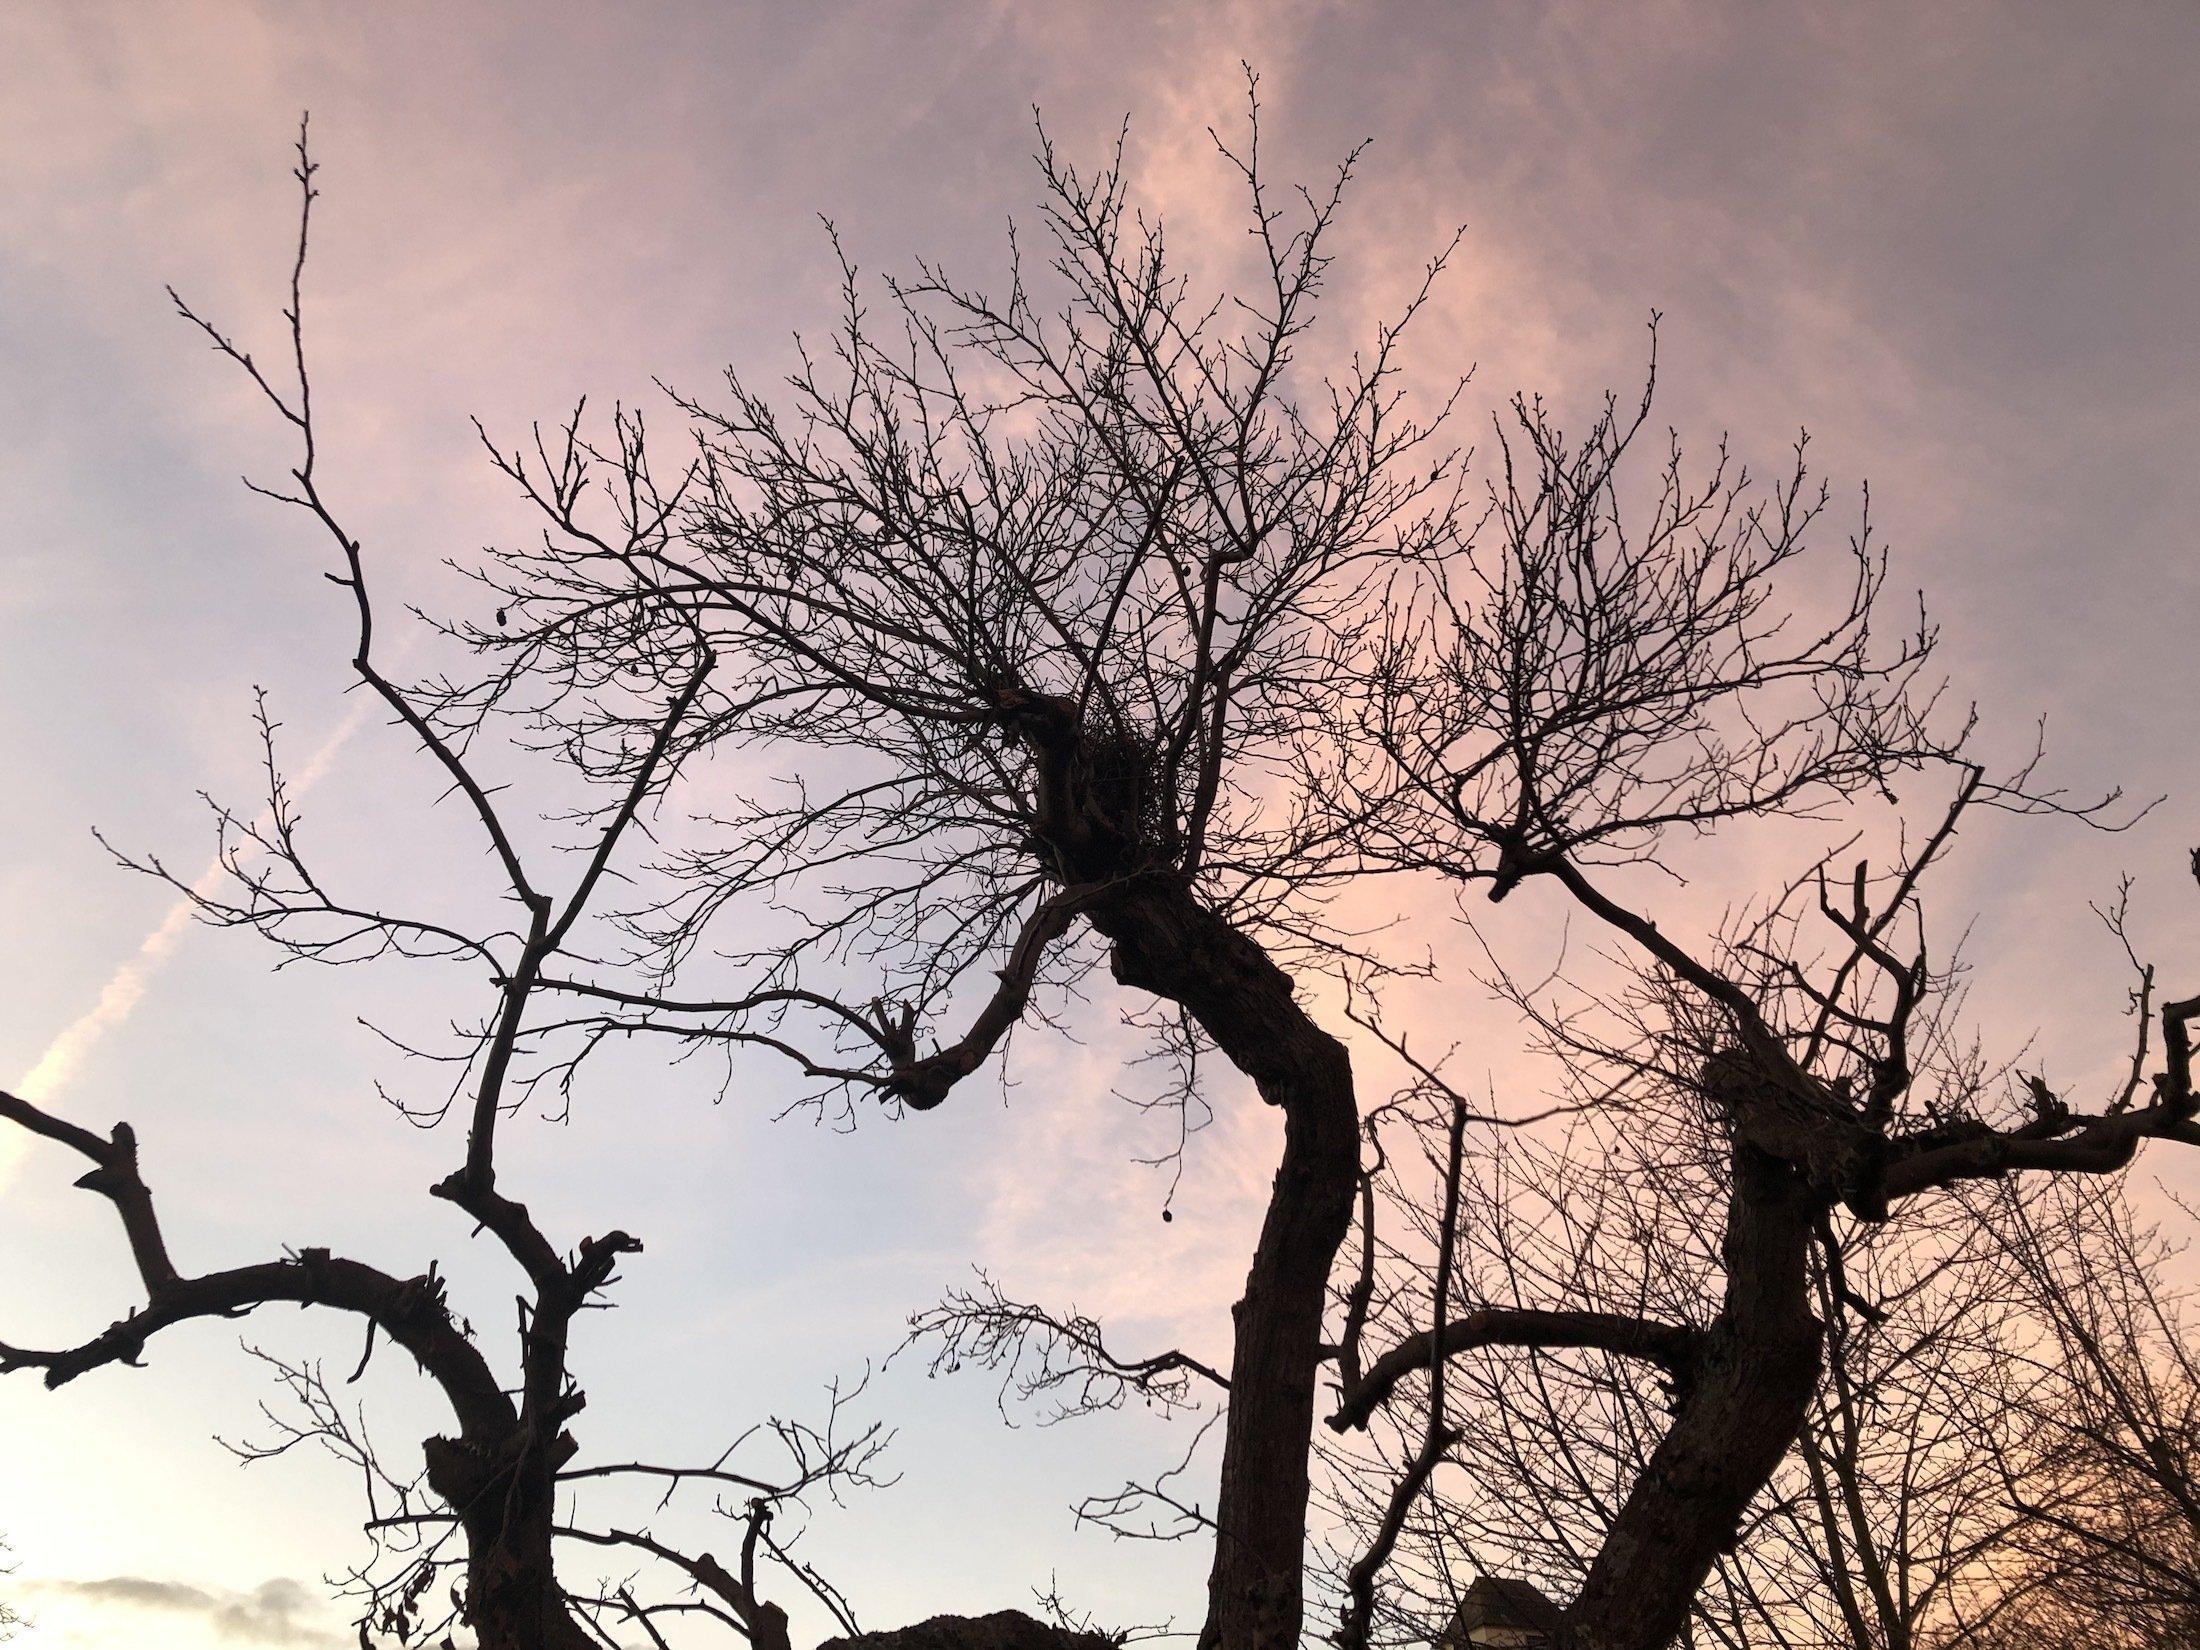 Das Bild zeigt drei laubfreie Bäume, die sehr chaotisch in den Himmel wachsen und dabei eine leicht gespenstische Anmutung haben.